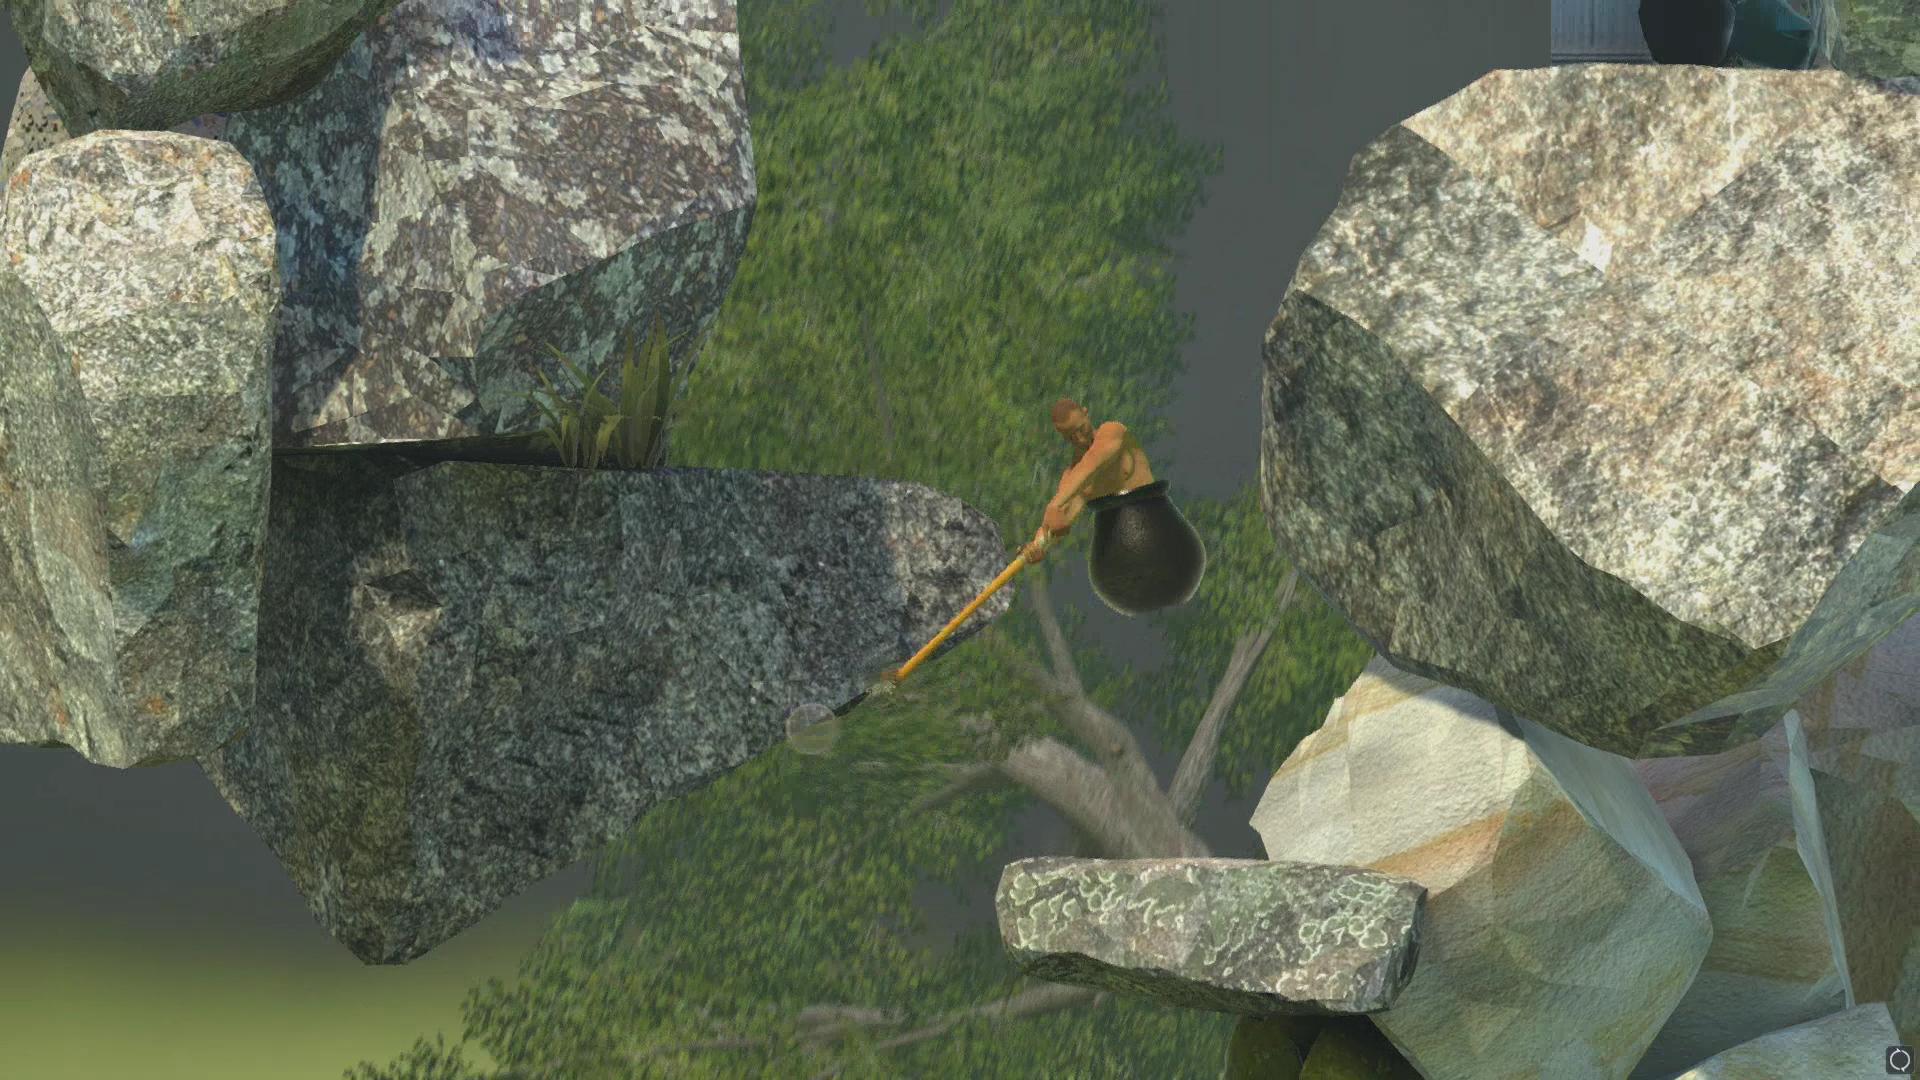 この入り組んだ岩場まで最初に登ってこれた時は、あぁ、これで下まで落ちる事はないだろうな、と心の底から安堵したなぁ。数分後にそんな考えは甘かったと思い知らされるわけだが……